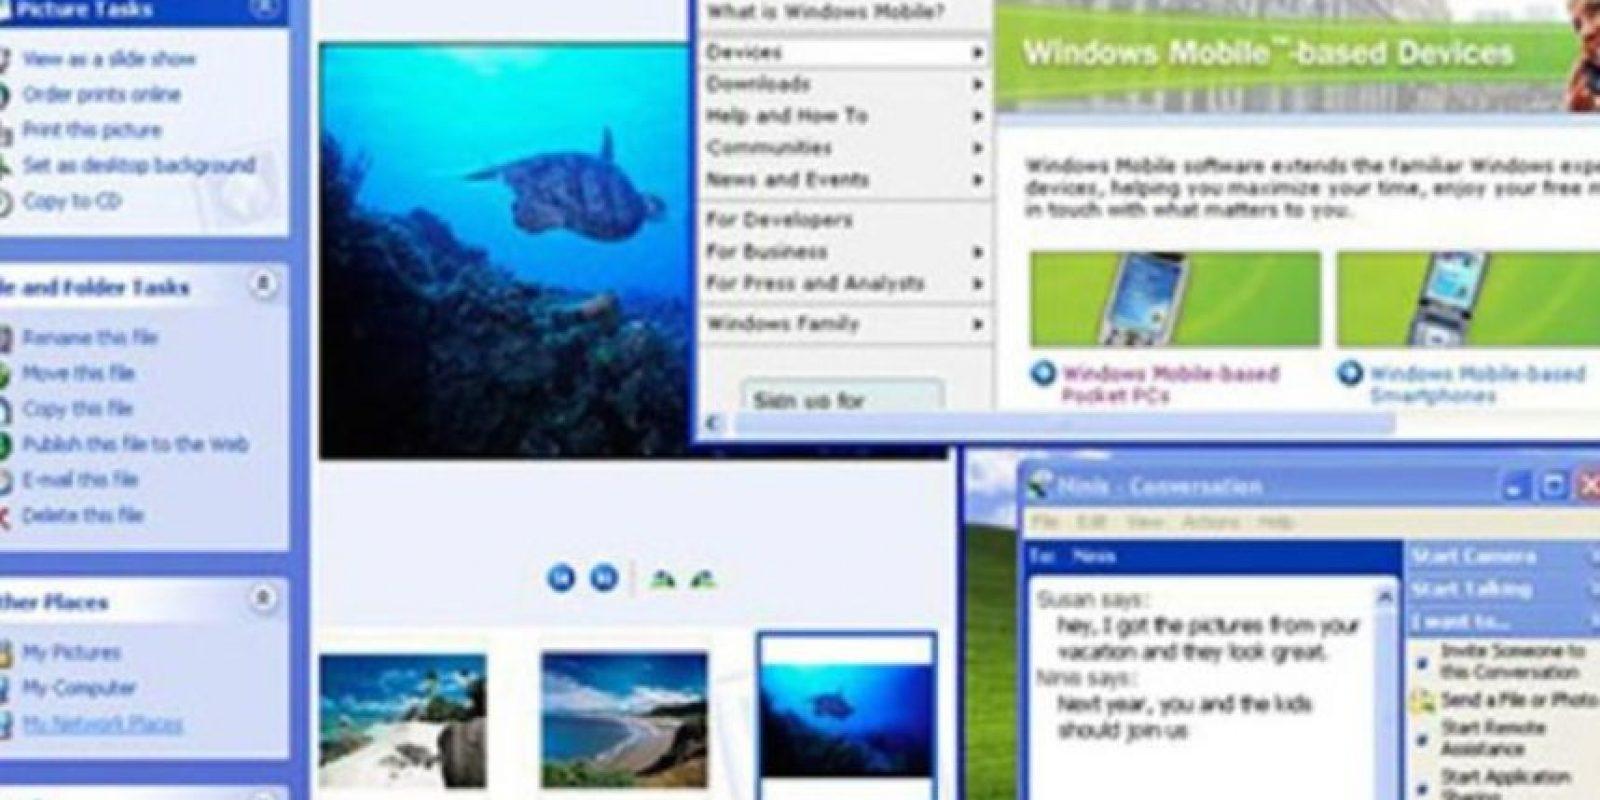 Plataformas como Windows 2000, Windows Me y Windows Home vendrían al abordaje, pero sería hasta el año 2001 cuando uno de los mejores Windows que se recuerda apareció: el Windows XP. Foto:Vía windows.microsoft.com